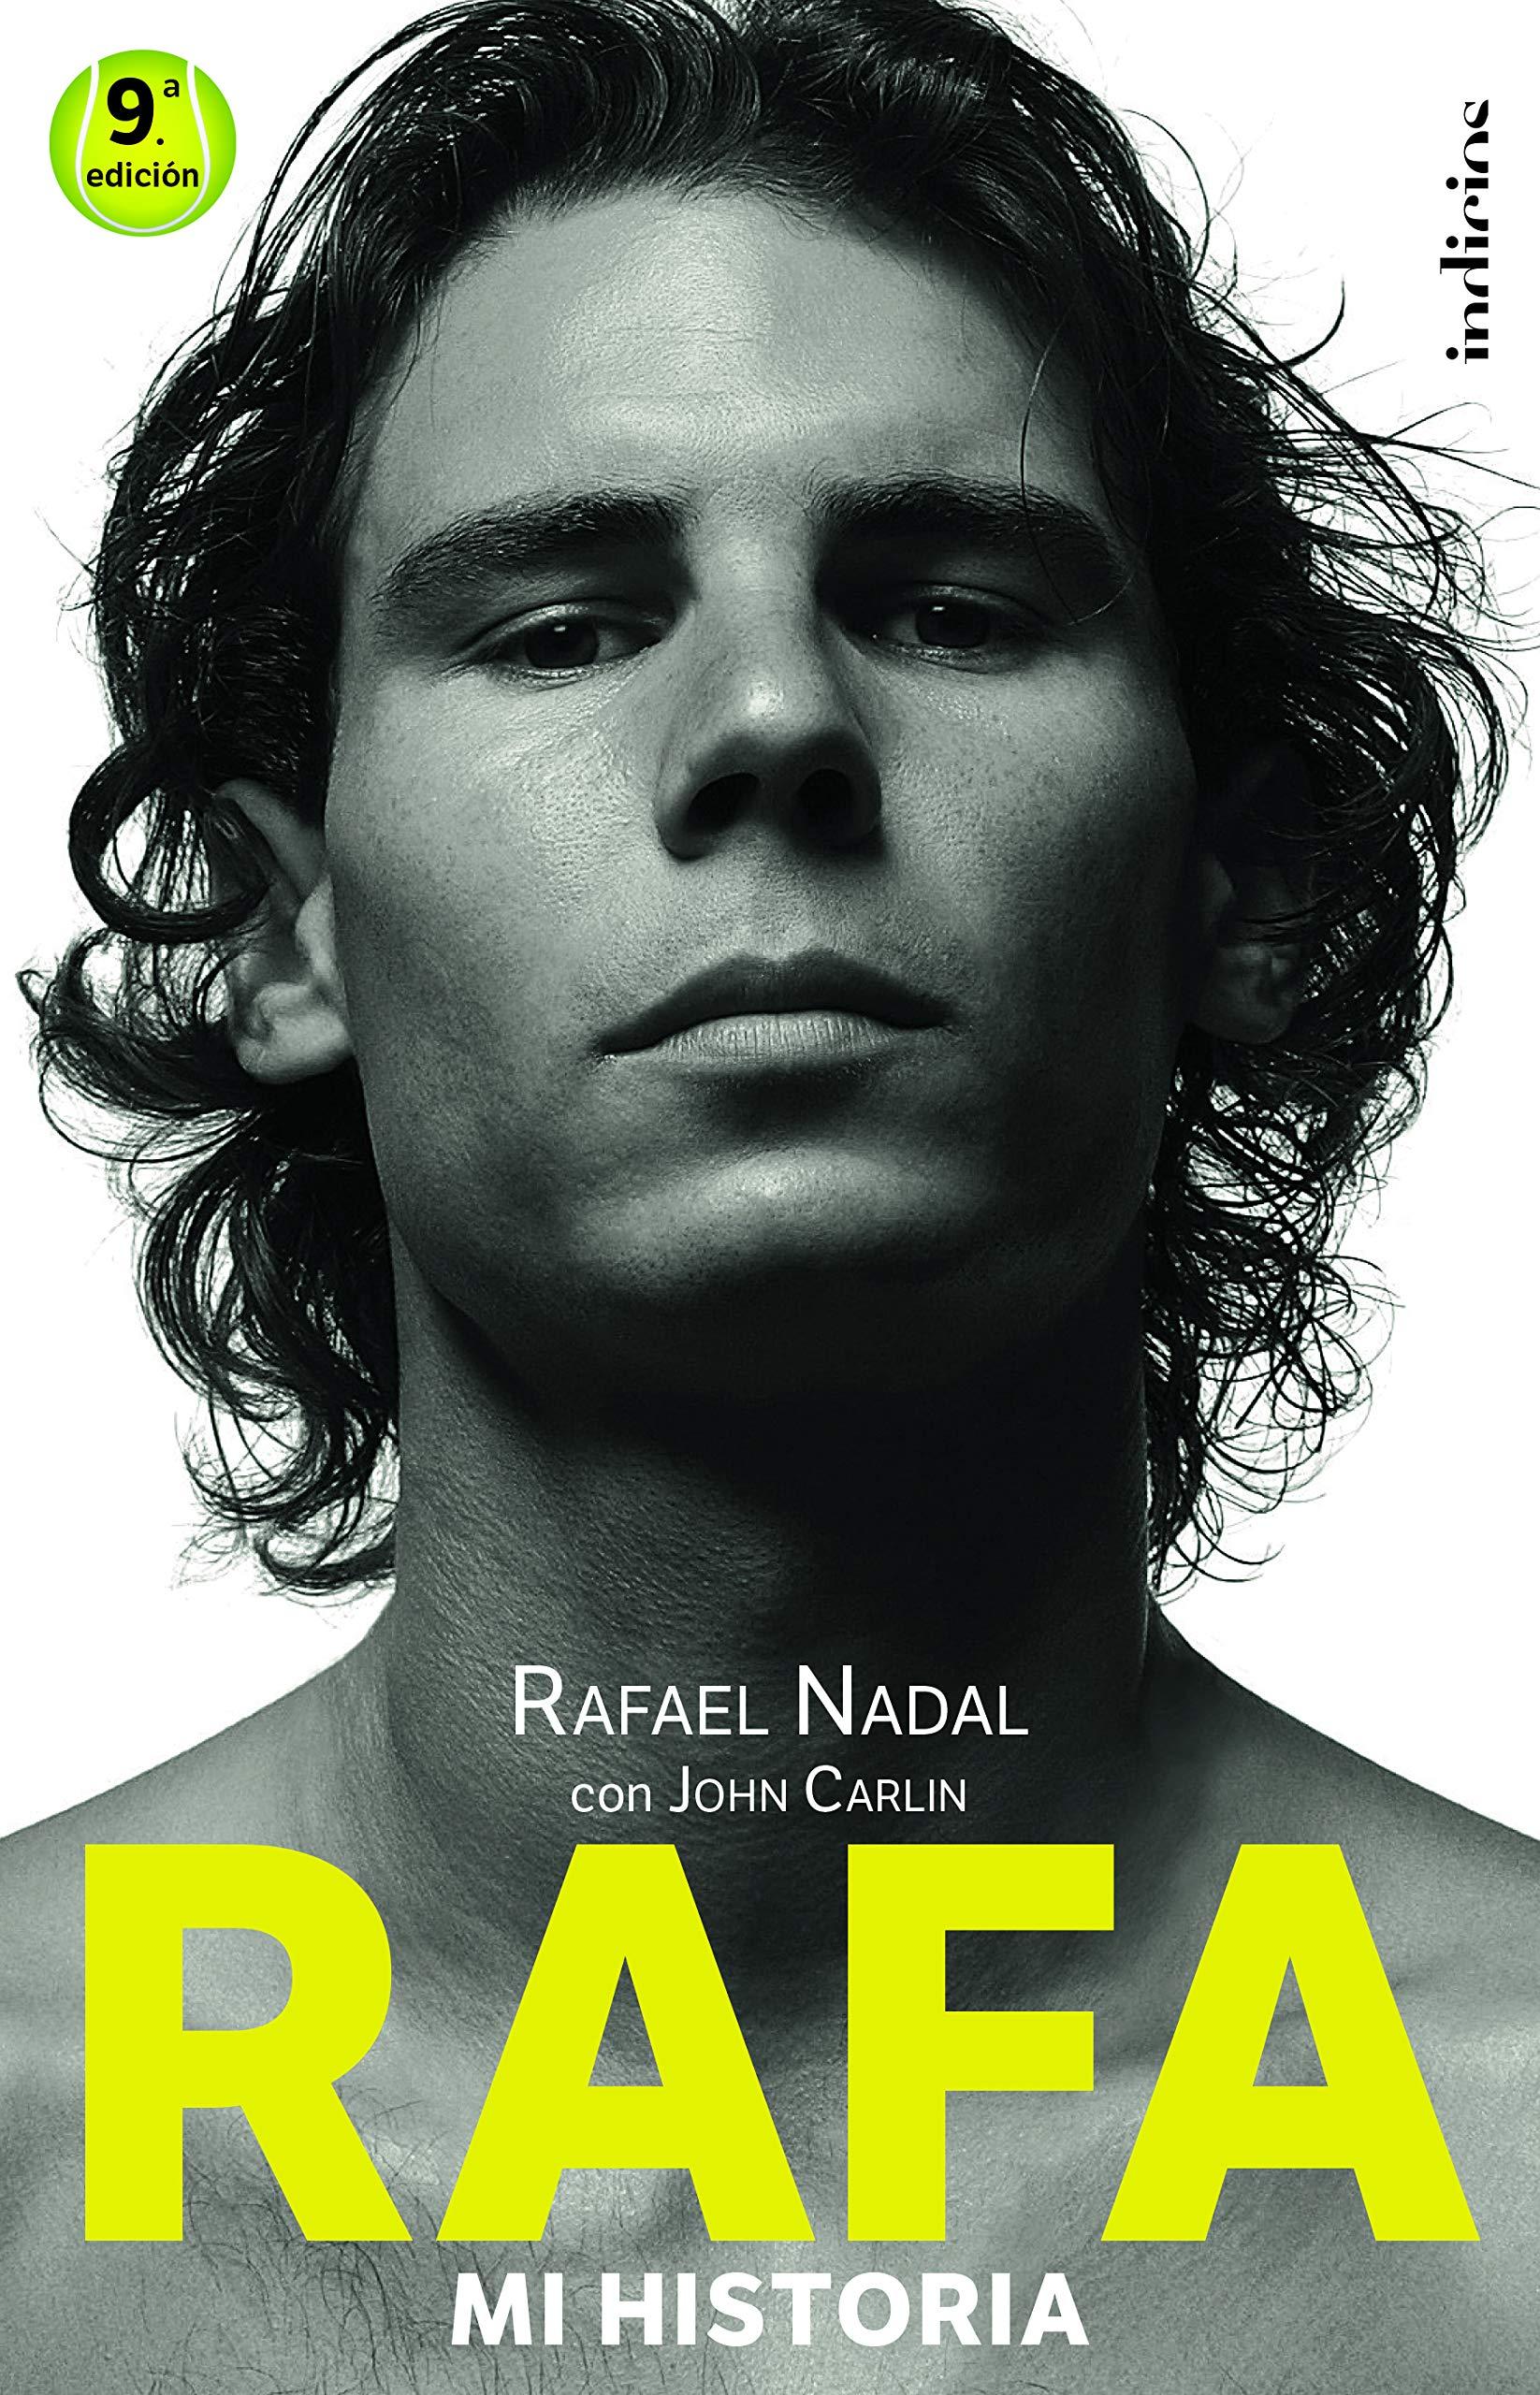 Rafa, mi historia (Indicios no ficción): Amazon.es: Carlin, John, Nadal, Rafael: Libros